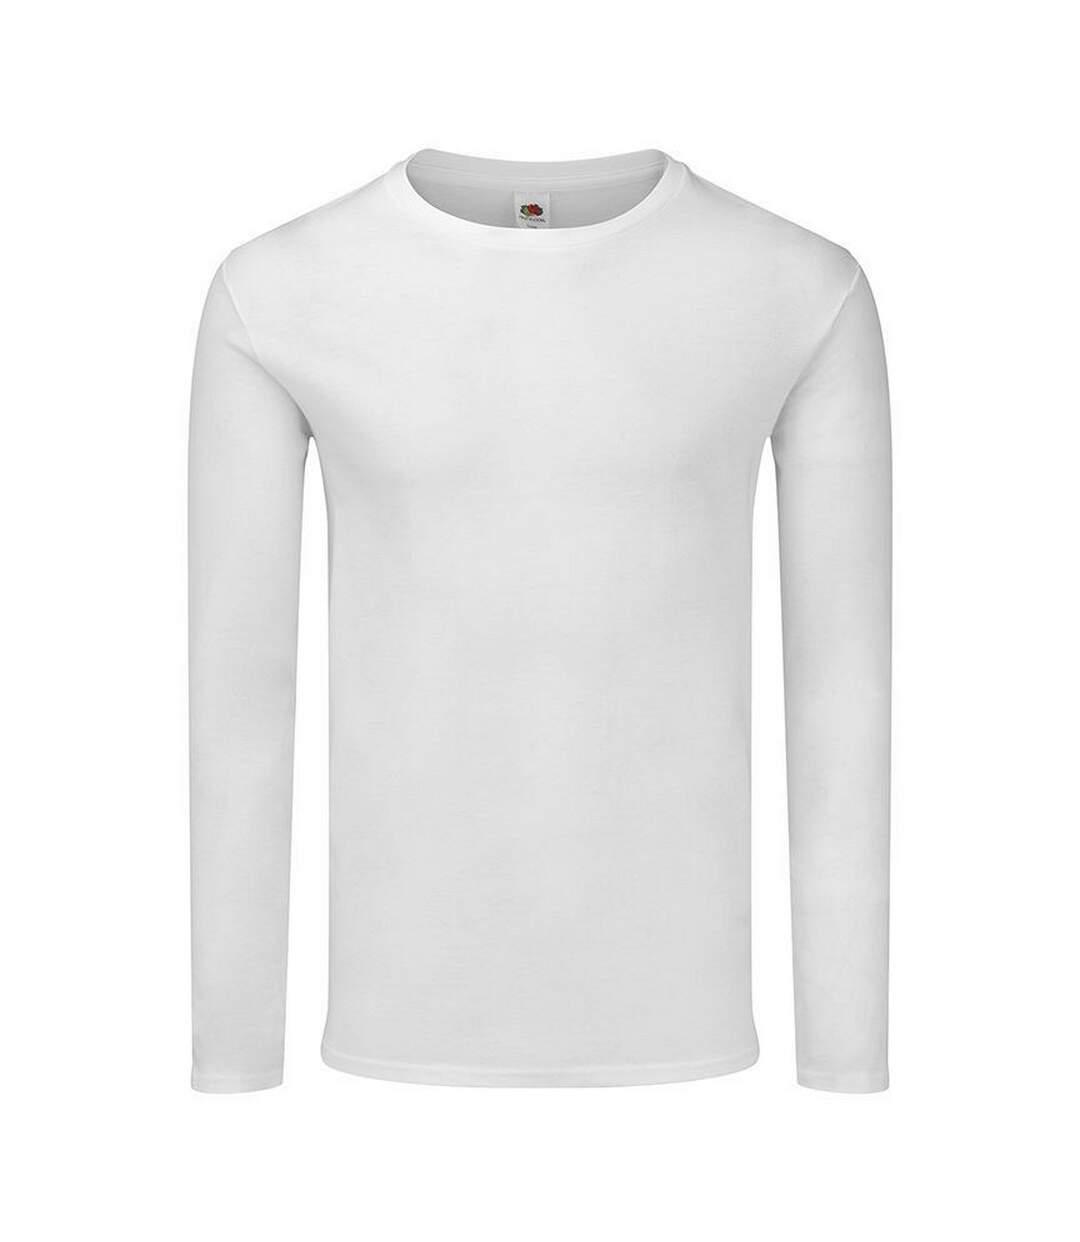 Fruit of the Loom Mens Iconic 150 Long-Sleeved T-Shirt (White) - UTRW7739